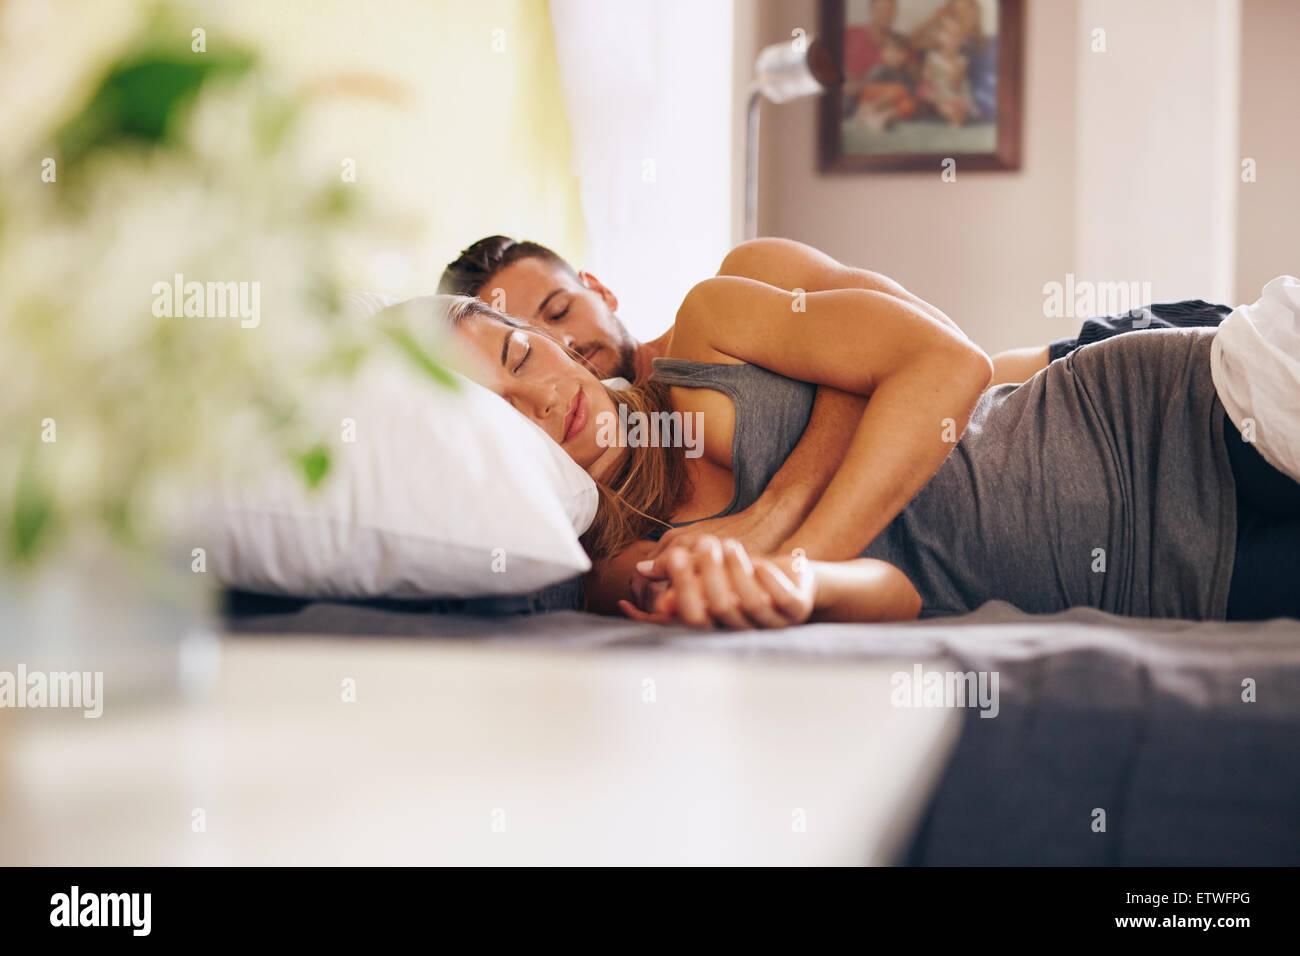 Imagen de la joven pareja durmiendo plácidamente en la cama juntos. El esposo y la esposa durmiendo juntos Imagen De Stock